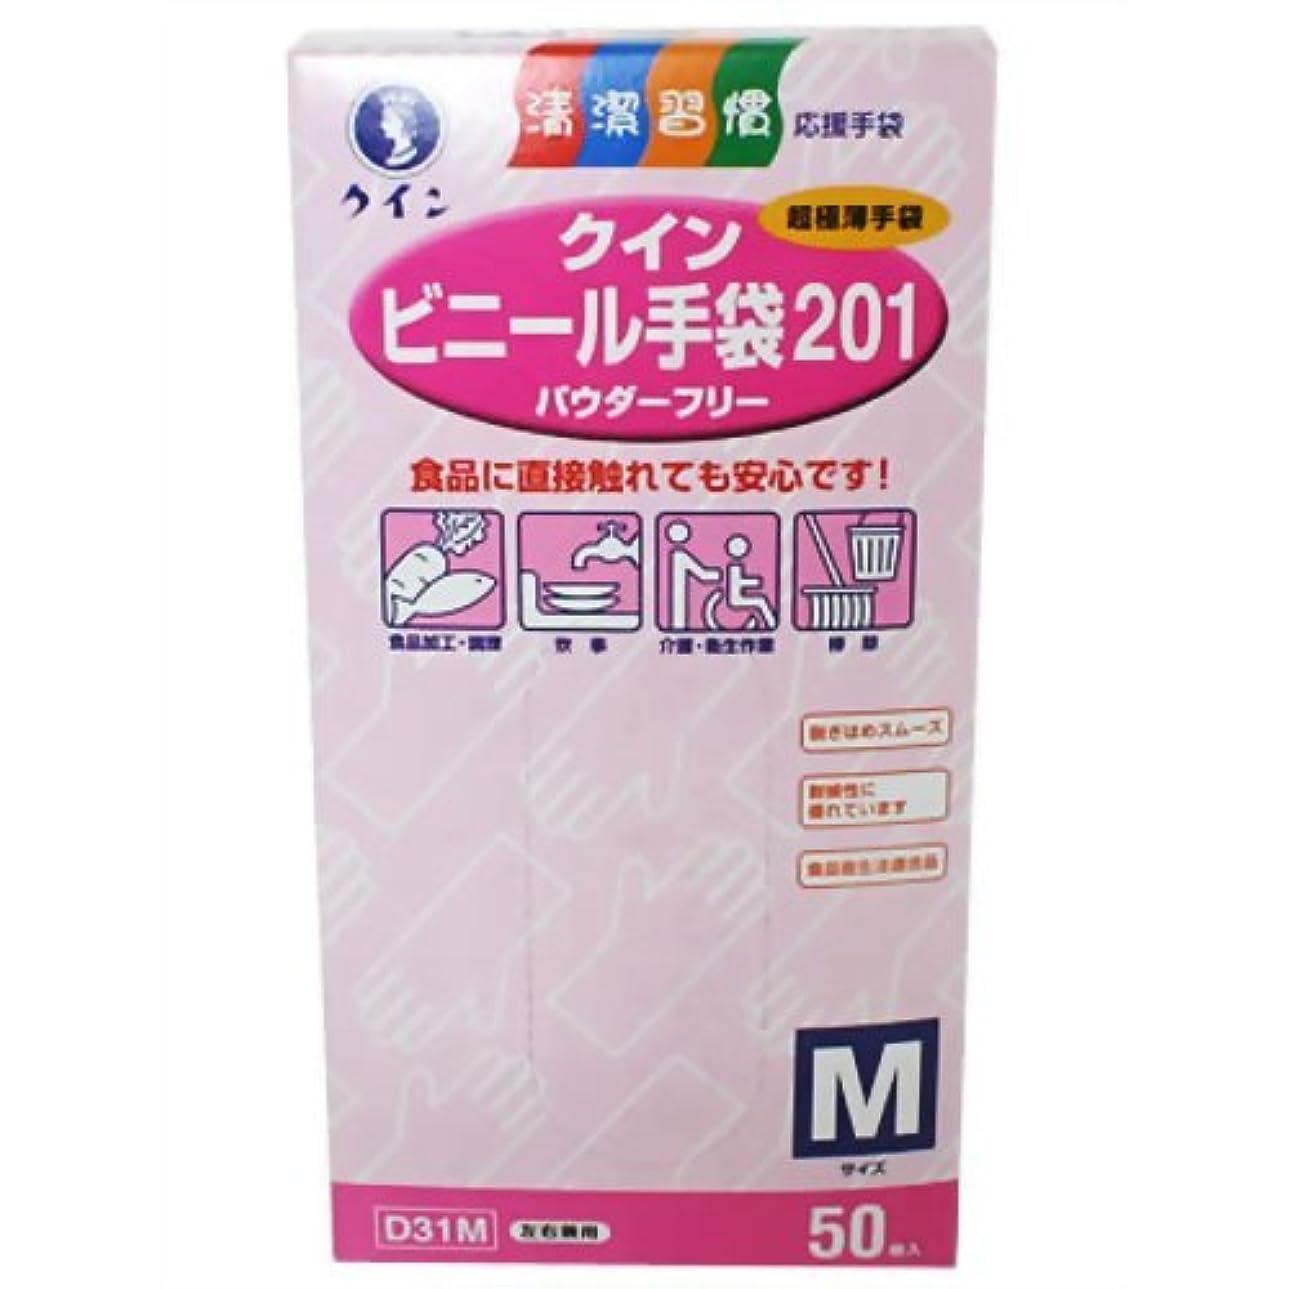 練習哀れなシャッフルクイン キッチンビニール手袋50P P.F M NEW 宇都宮製作 【商品CD】UT6969